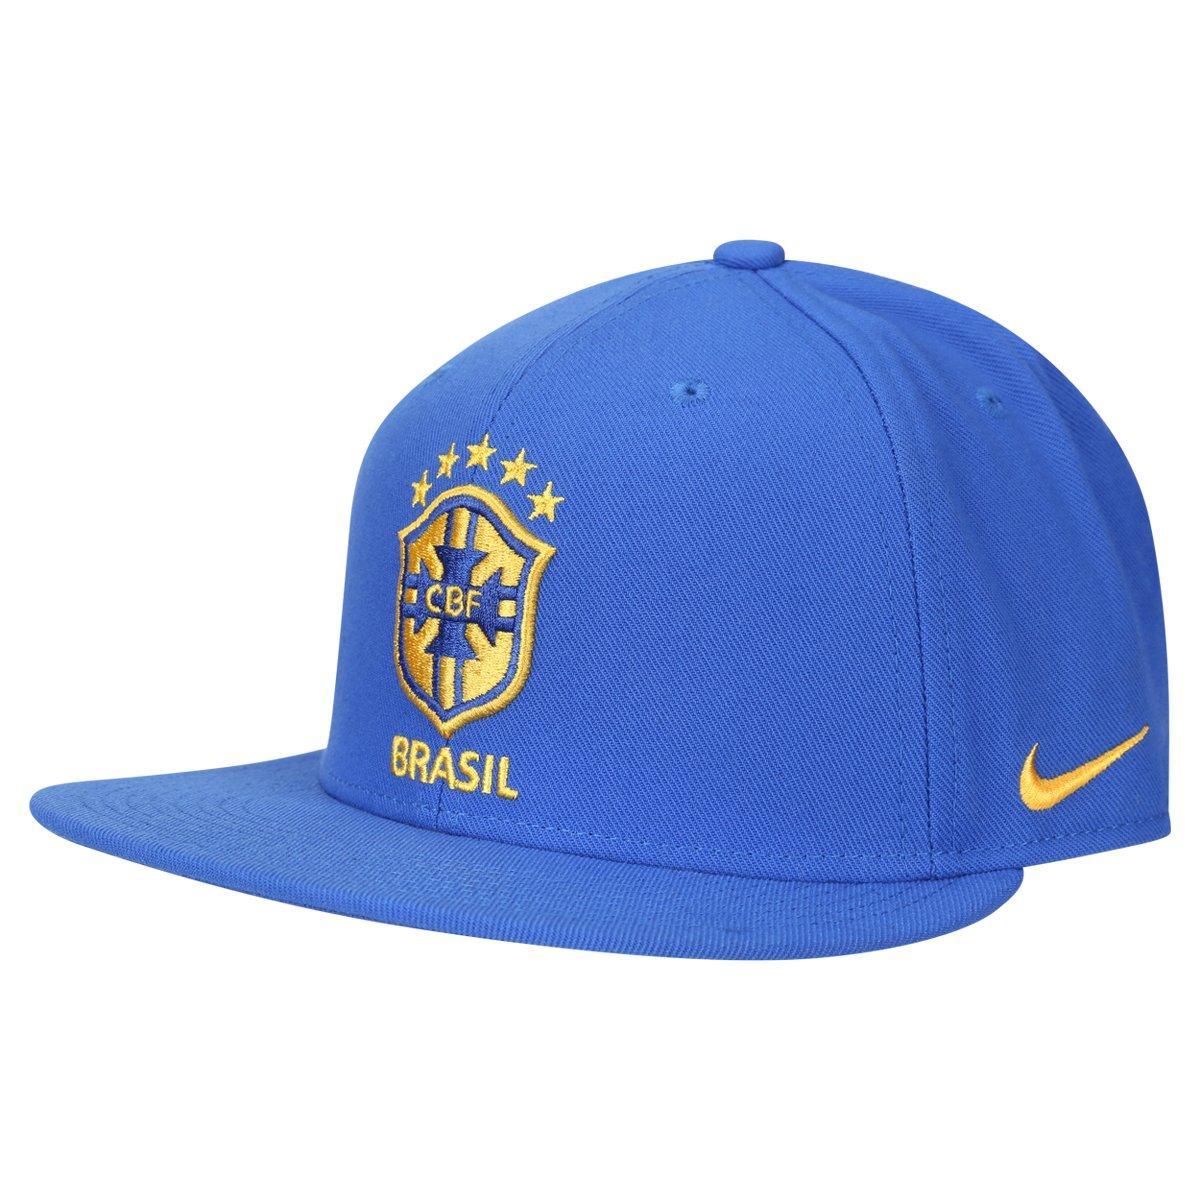 cd611e91887da Boné Nike Brasil CBF Seasonal True - Compre Agora